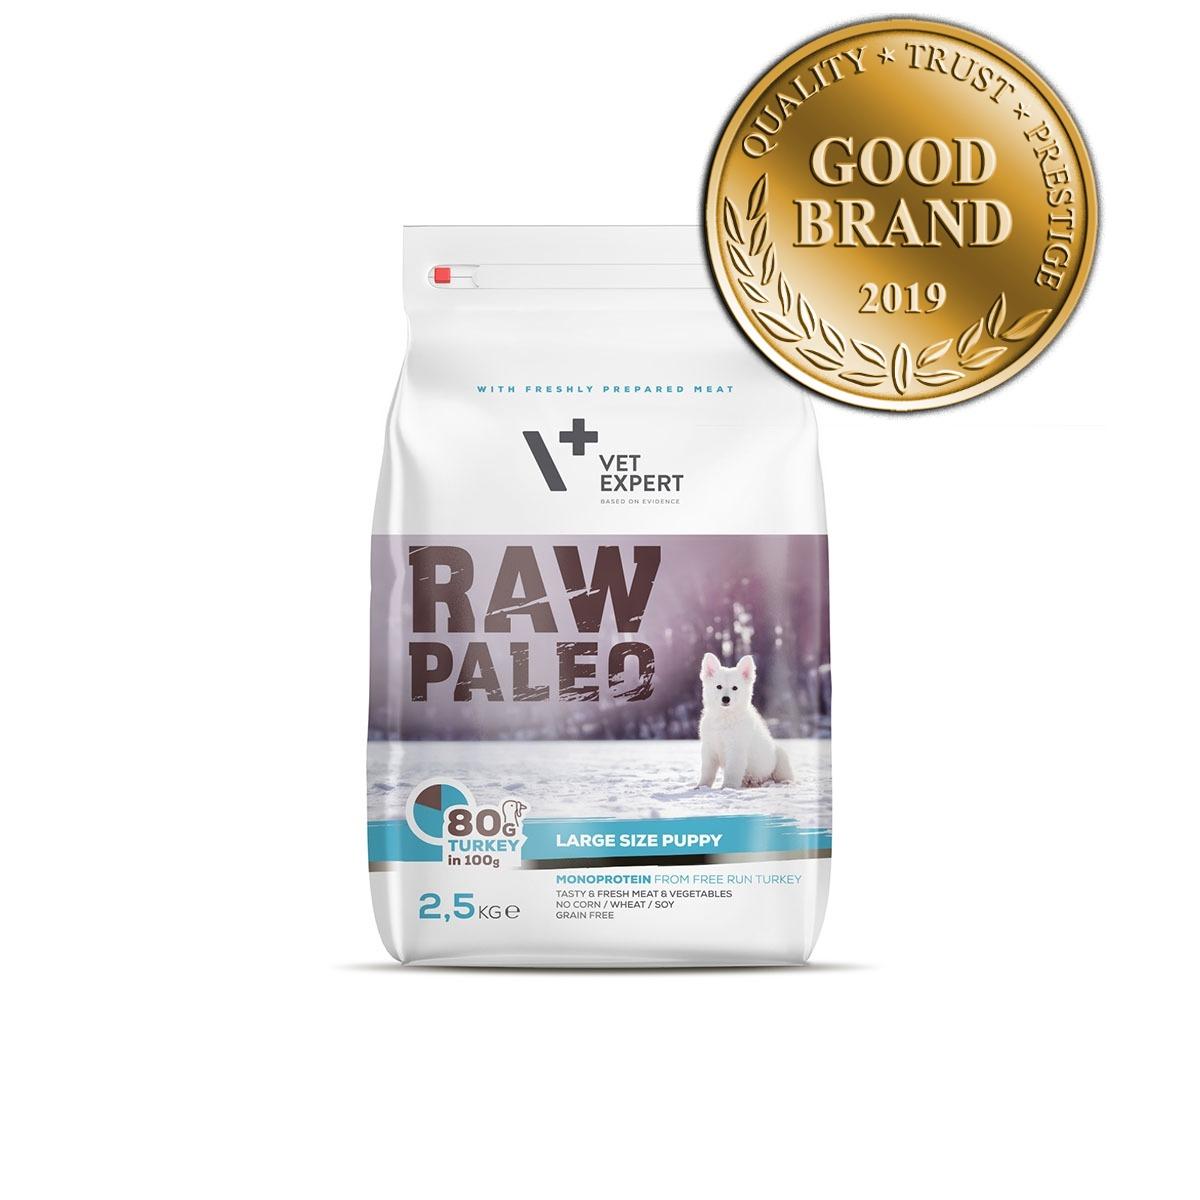 VetExpert Raw Paleo Large Breed Puppy 2.5kg Premium getreidefreies Hundefutter, Alleinfuttermittel, Trockenfutter, Nassfutter, Hundebedarf, Hundenahrung, Hundeernährung